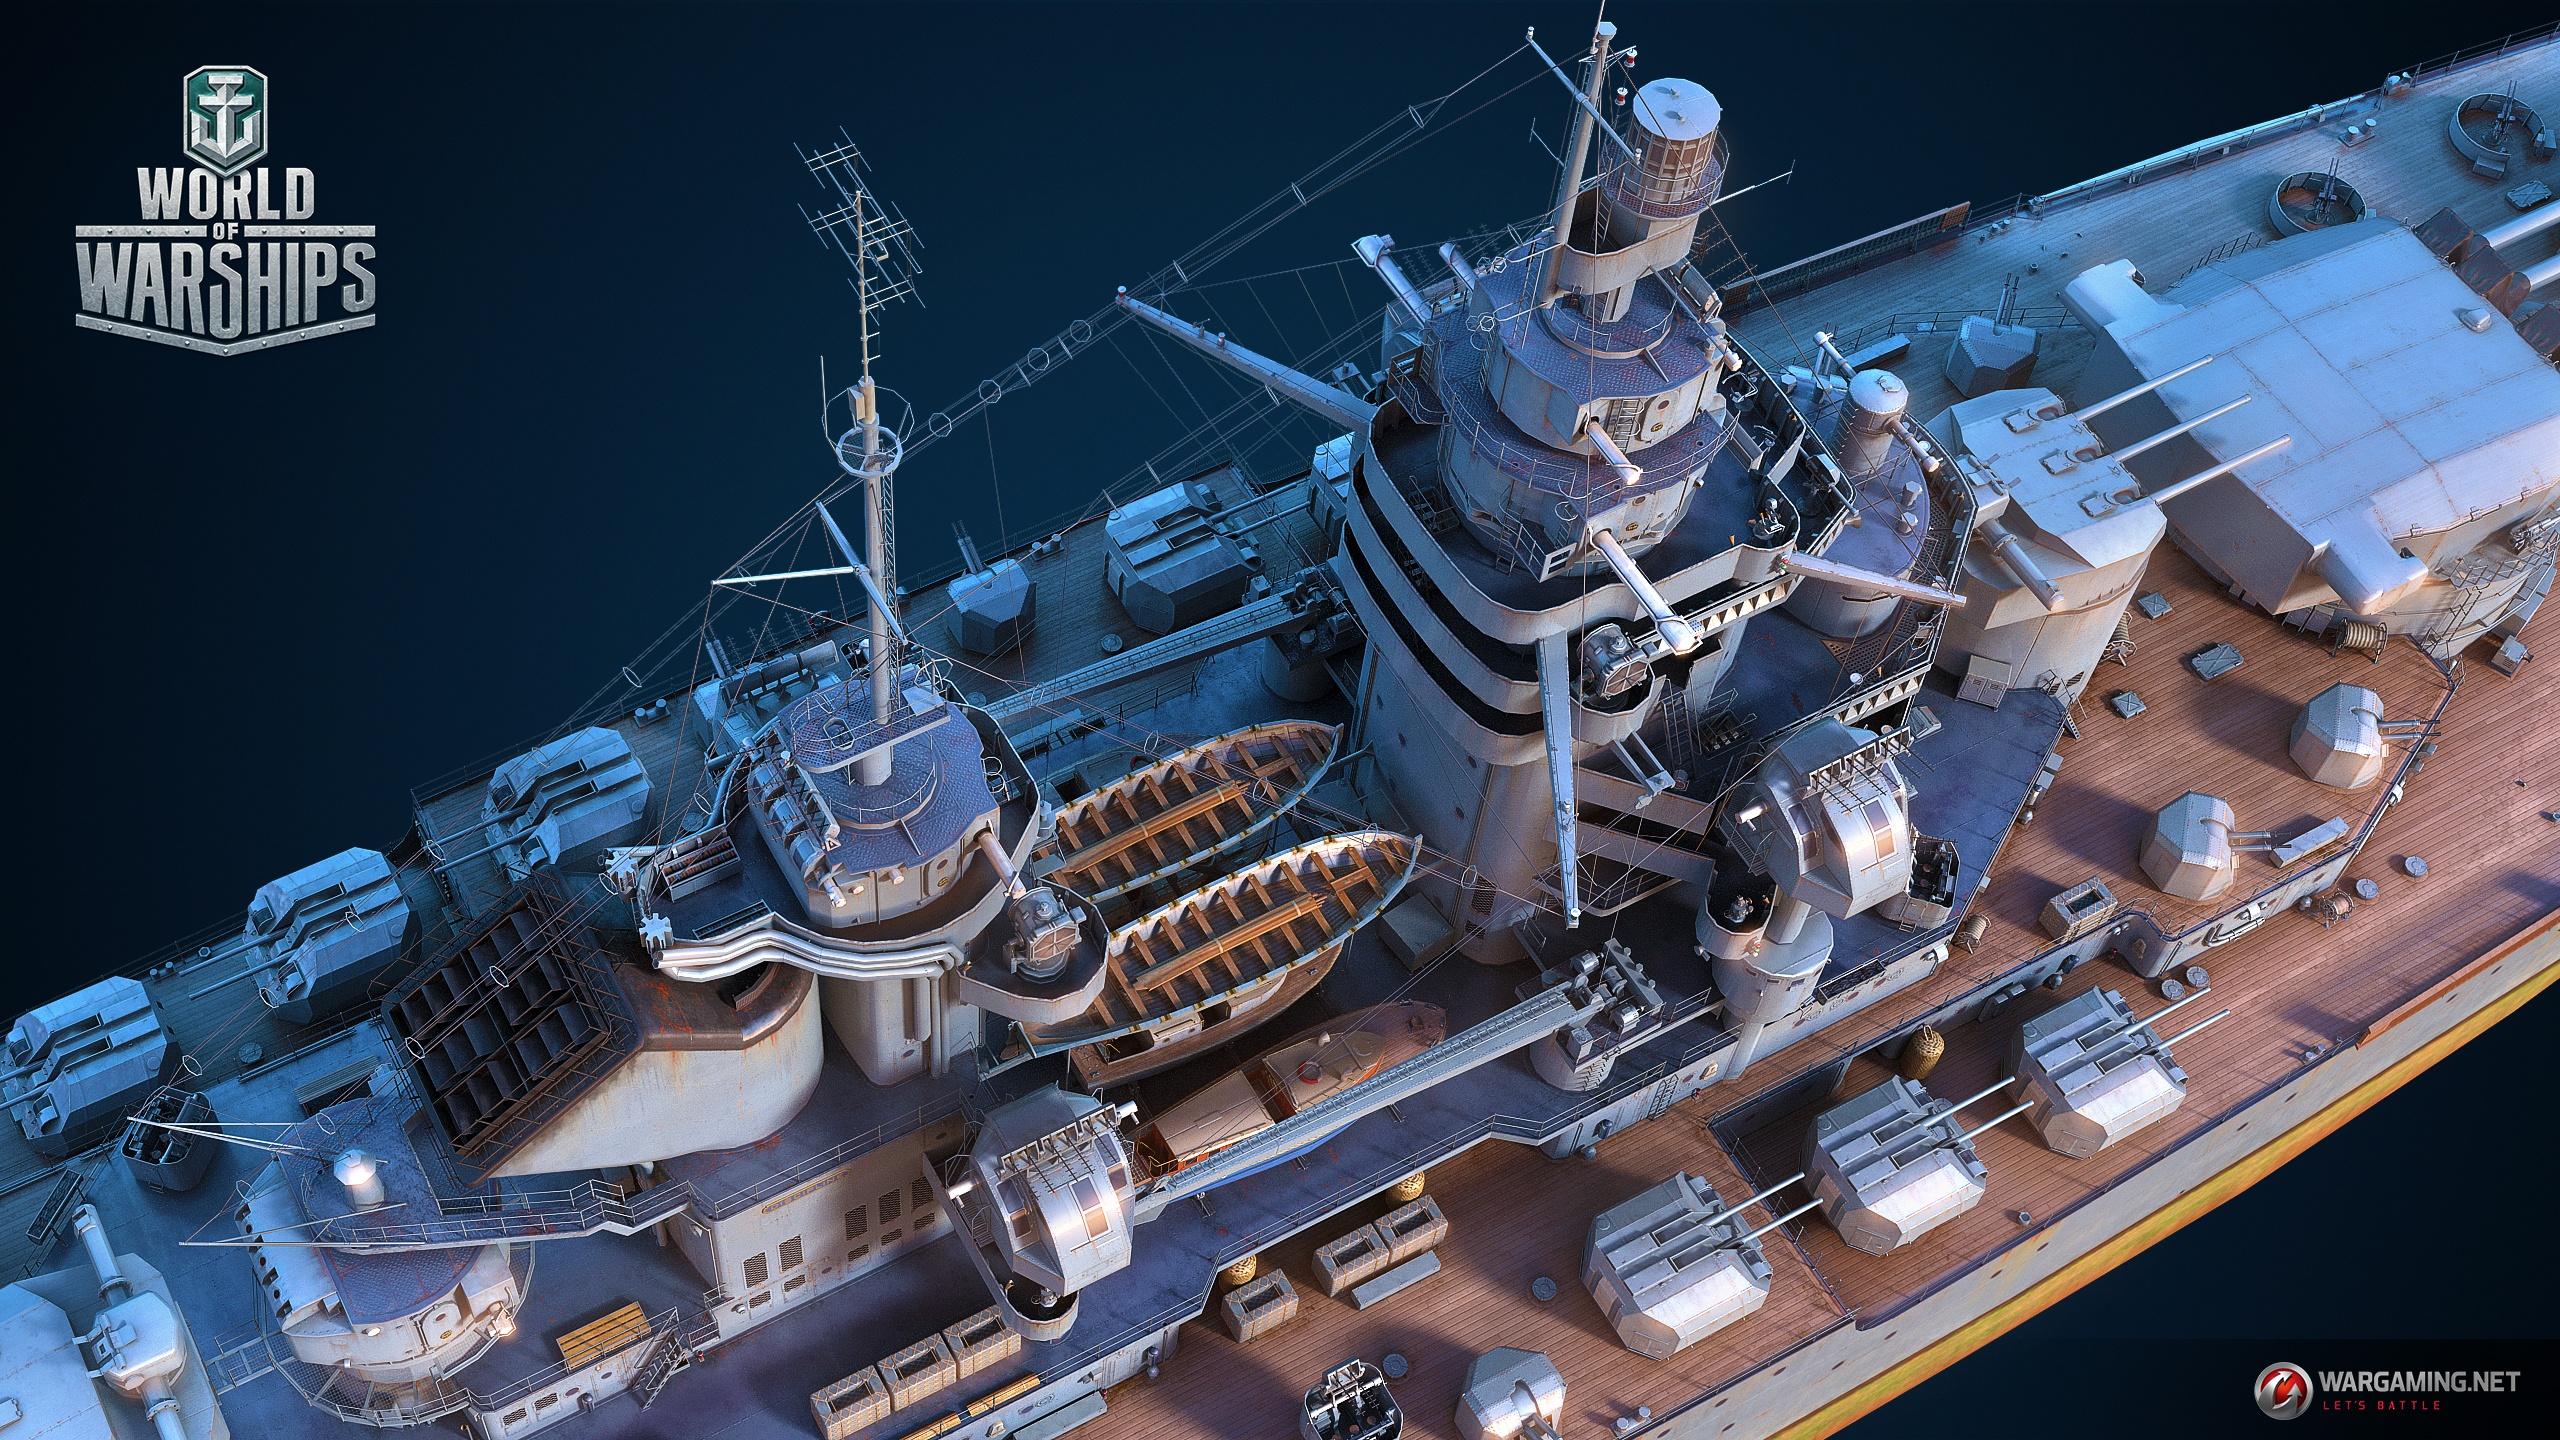 Entfernungsmesser Schlachtschiff : Papierschiffe das schlachtschiff alsace world of warships